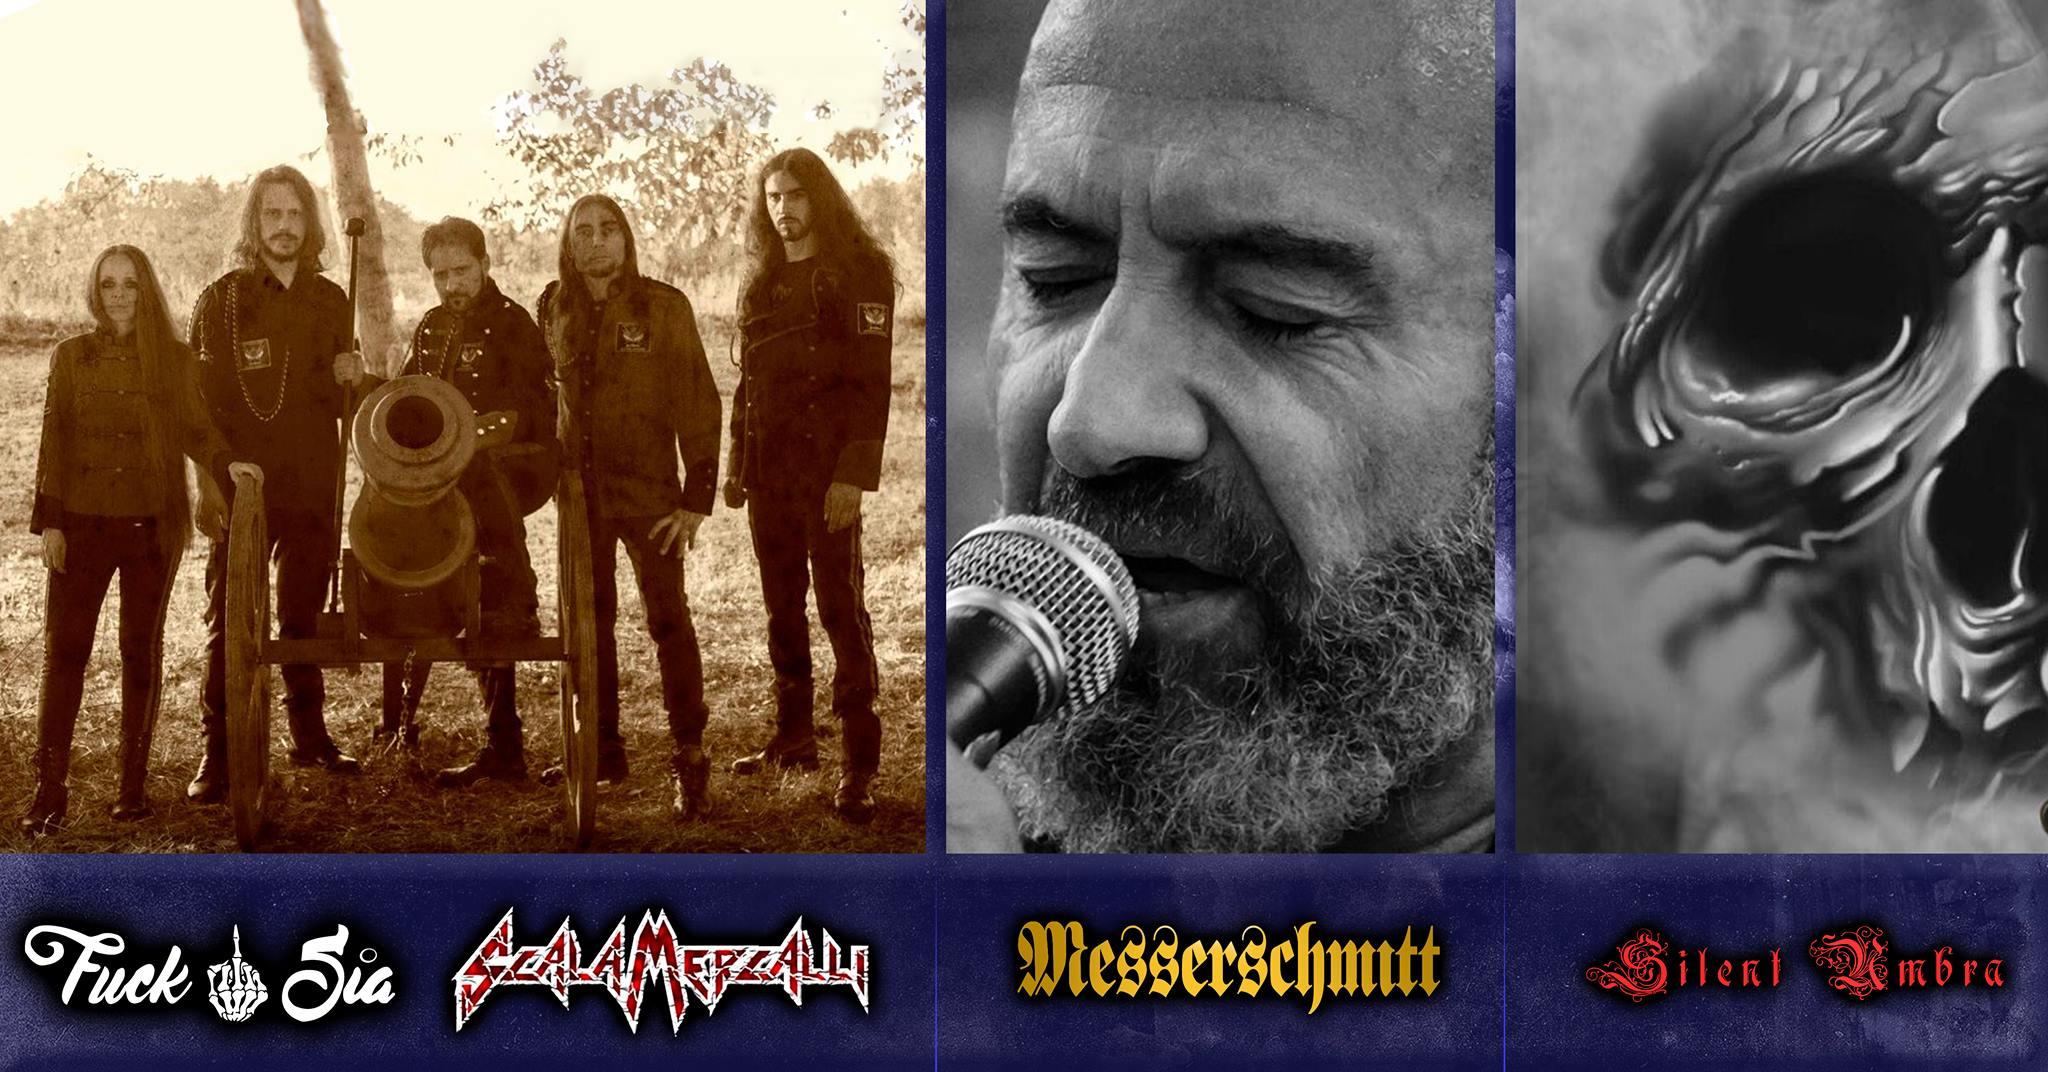 Venerdì 22 marzo: Messerschmitt live al Fucksia con Scala Mercalli